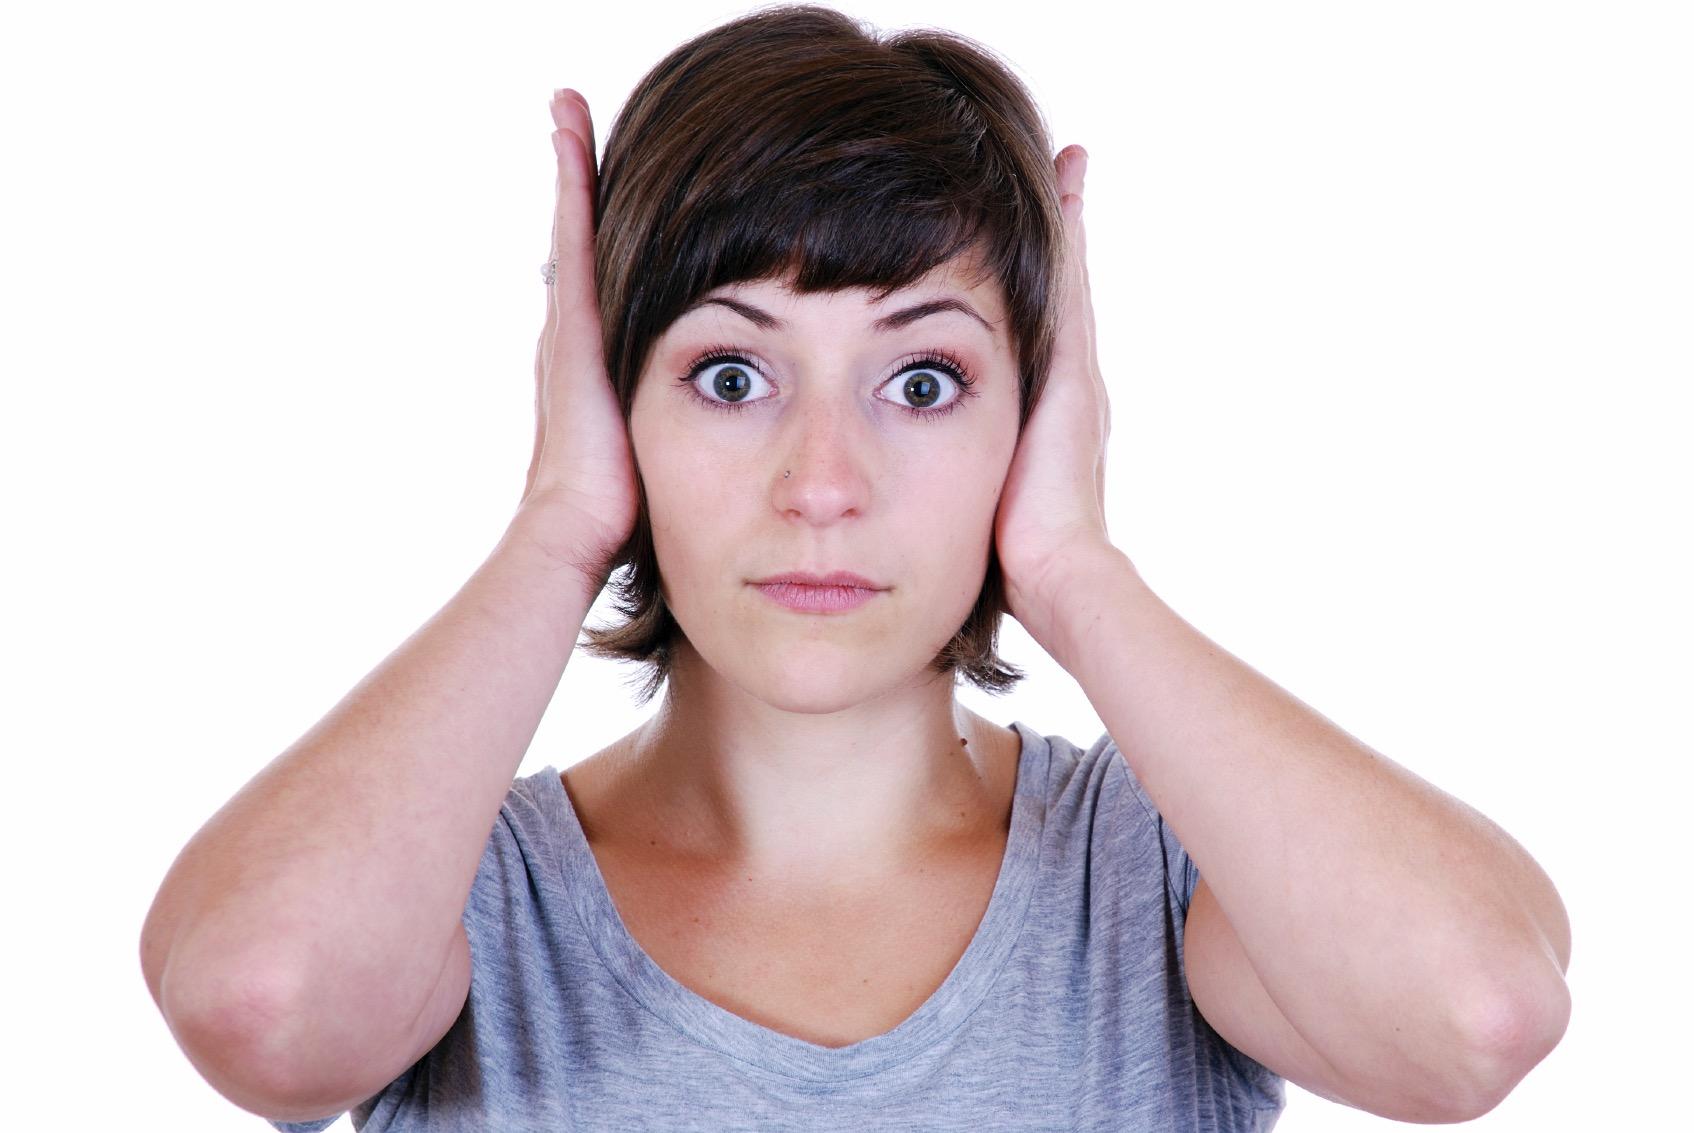 Лучшие методики лечения шума в голове при шейном остеохондрозе: воспользуйтесь ценными советами специалистов